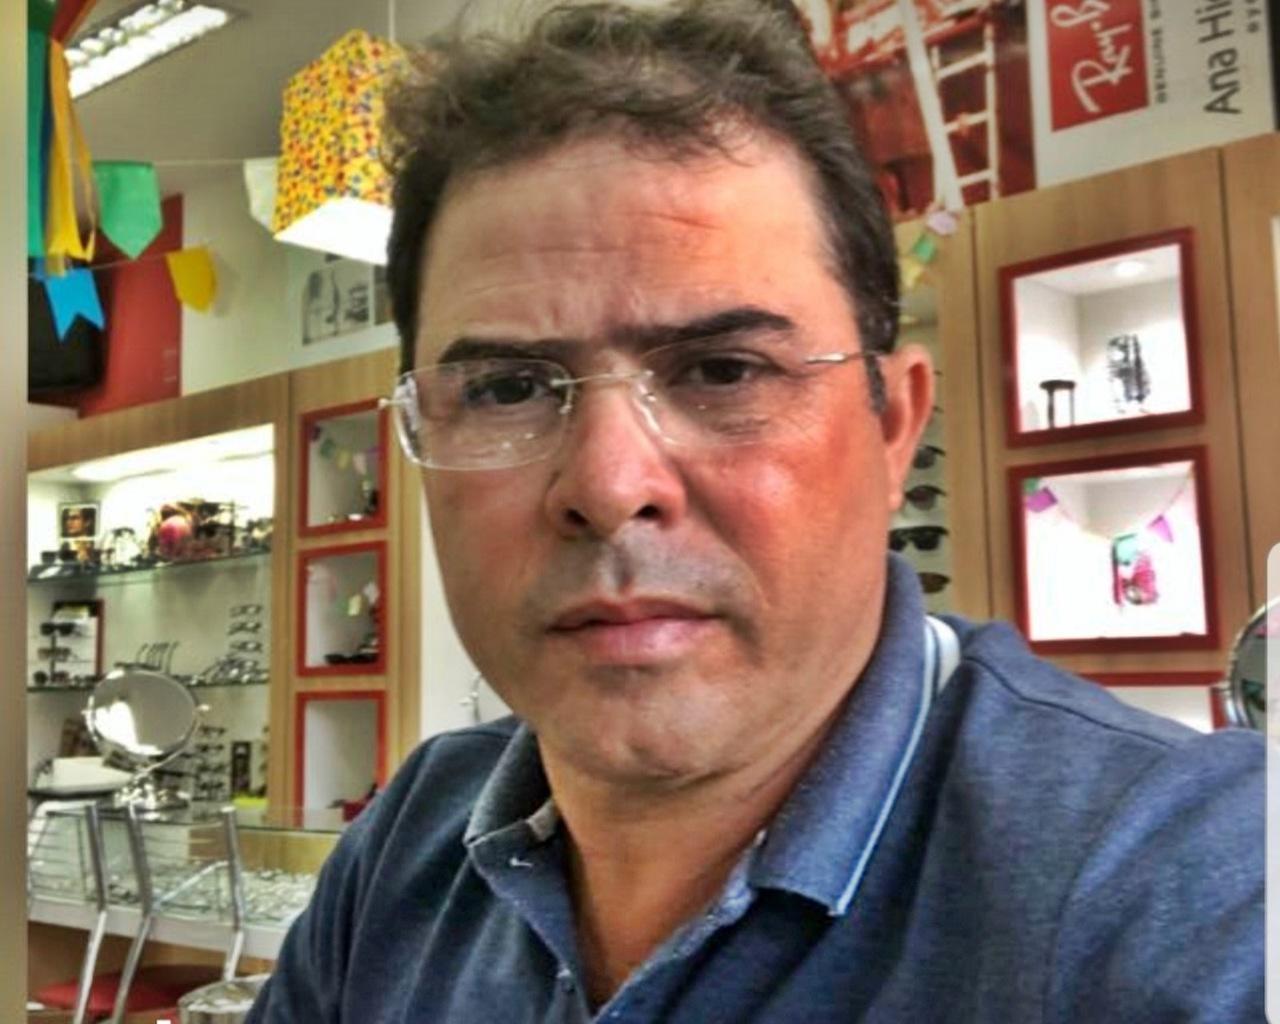 16062020 edomarques Easy Resize.com - BERNARDINO BATISTA: Ex-prefeito Edomarques Gomes é novamente condenado e poderá ficar inelegível por oito anos; VEJA